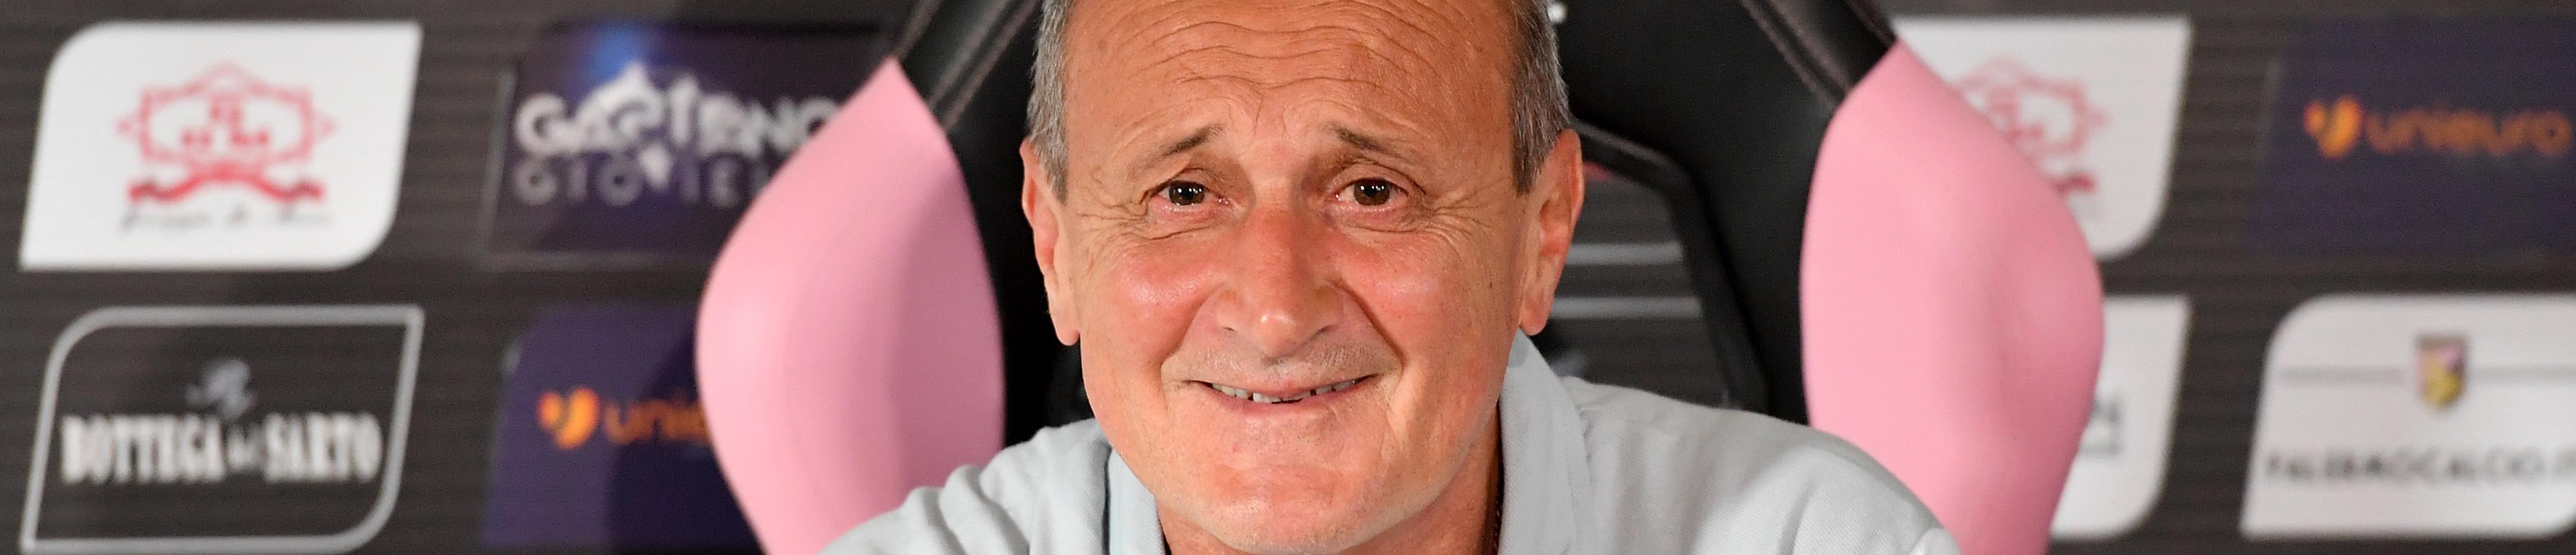 Livorno-Palermo, Delio Rossi per riportare l'entusiasmo degli anni d'oro e preparare il gran finale